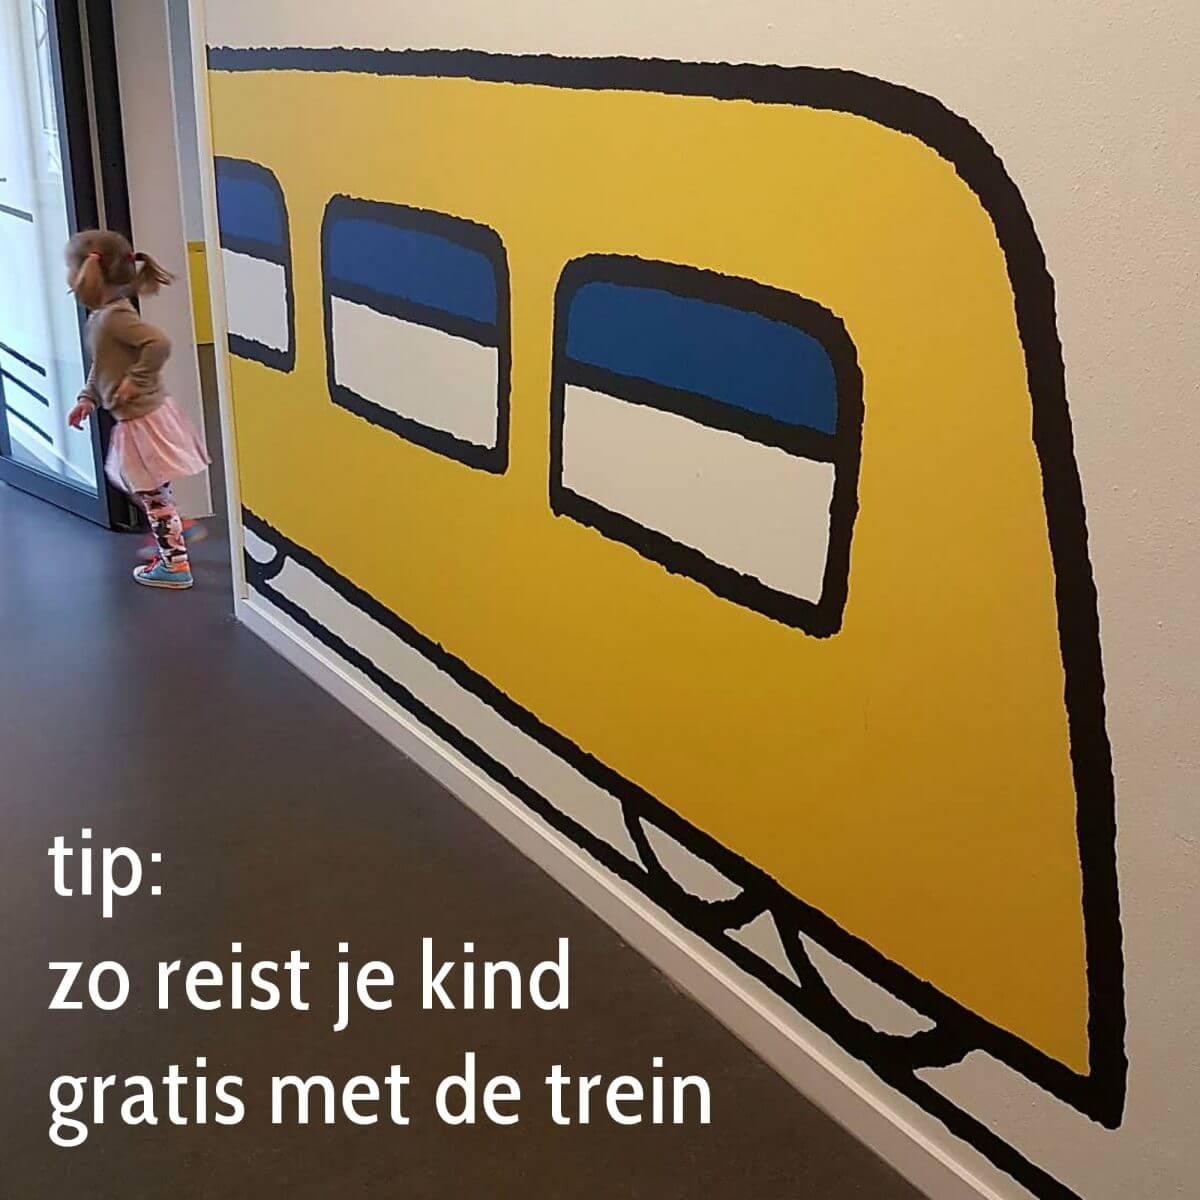 Tip: zo reist je kind gratis met de trein